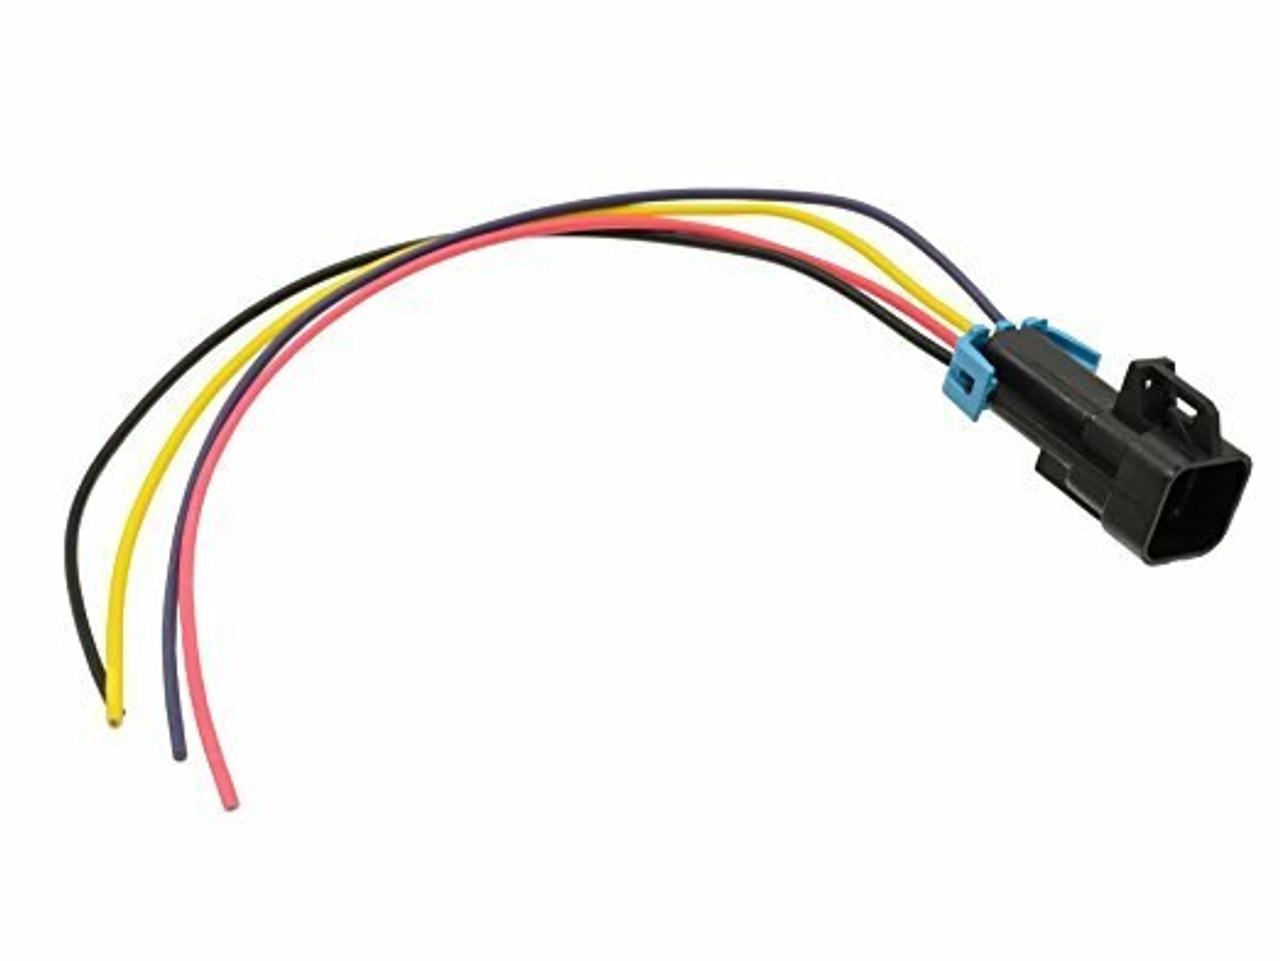 LS1 O2 Oxygen Sensor Wiring Connector Pigtail 1998-2002 GM Camaro Firebird PT2374